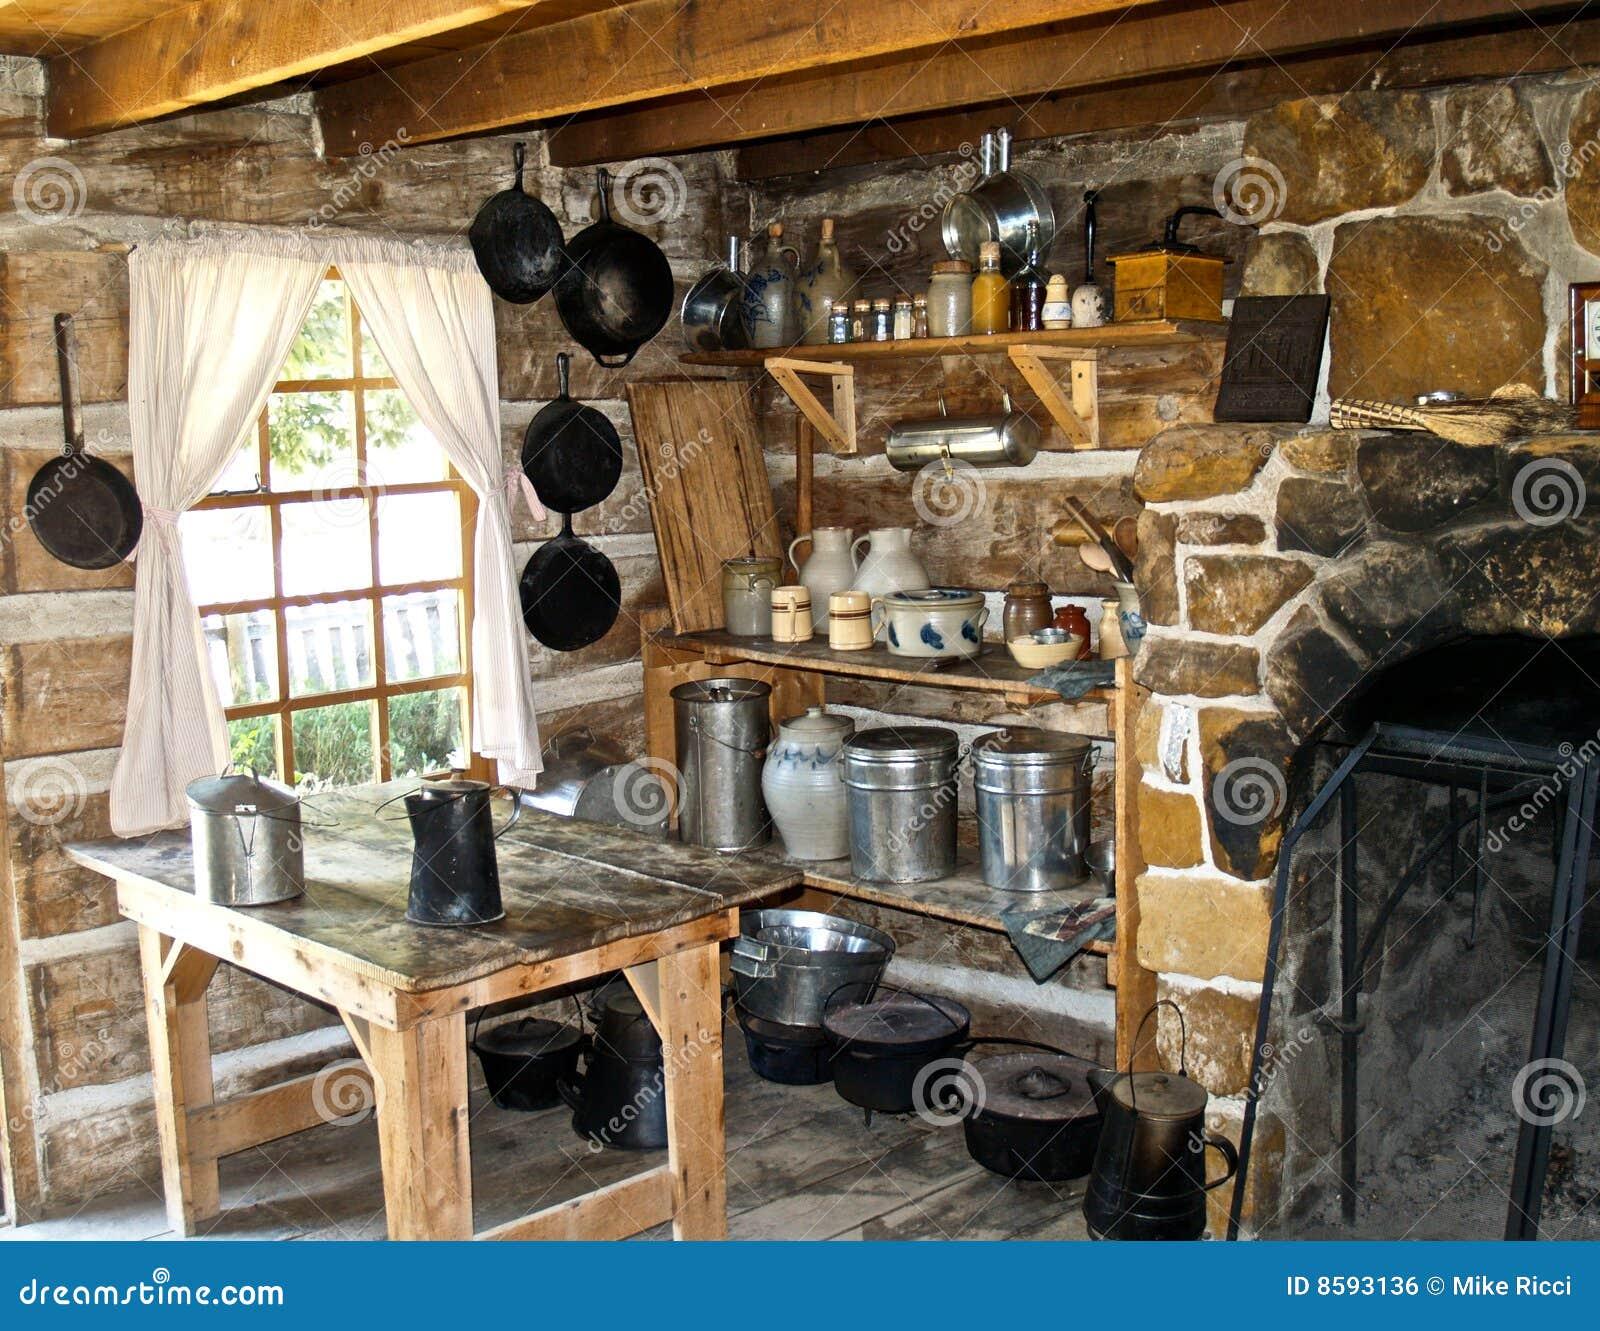 De oude keuken van het westen royalty vrije stock afbeelding afbeelding 8593136 - Oude stijl keuken wastafel ...